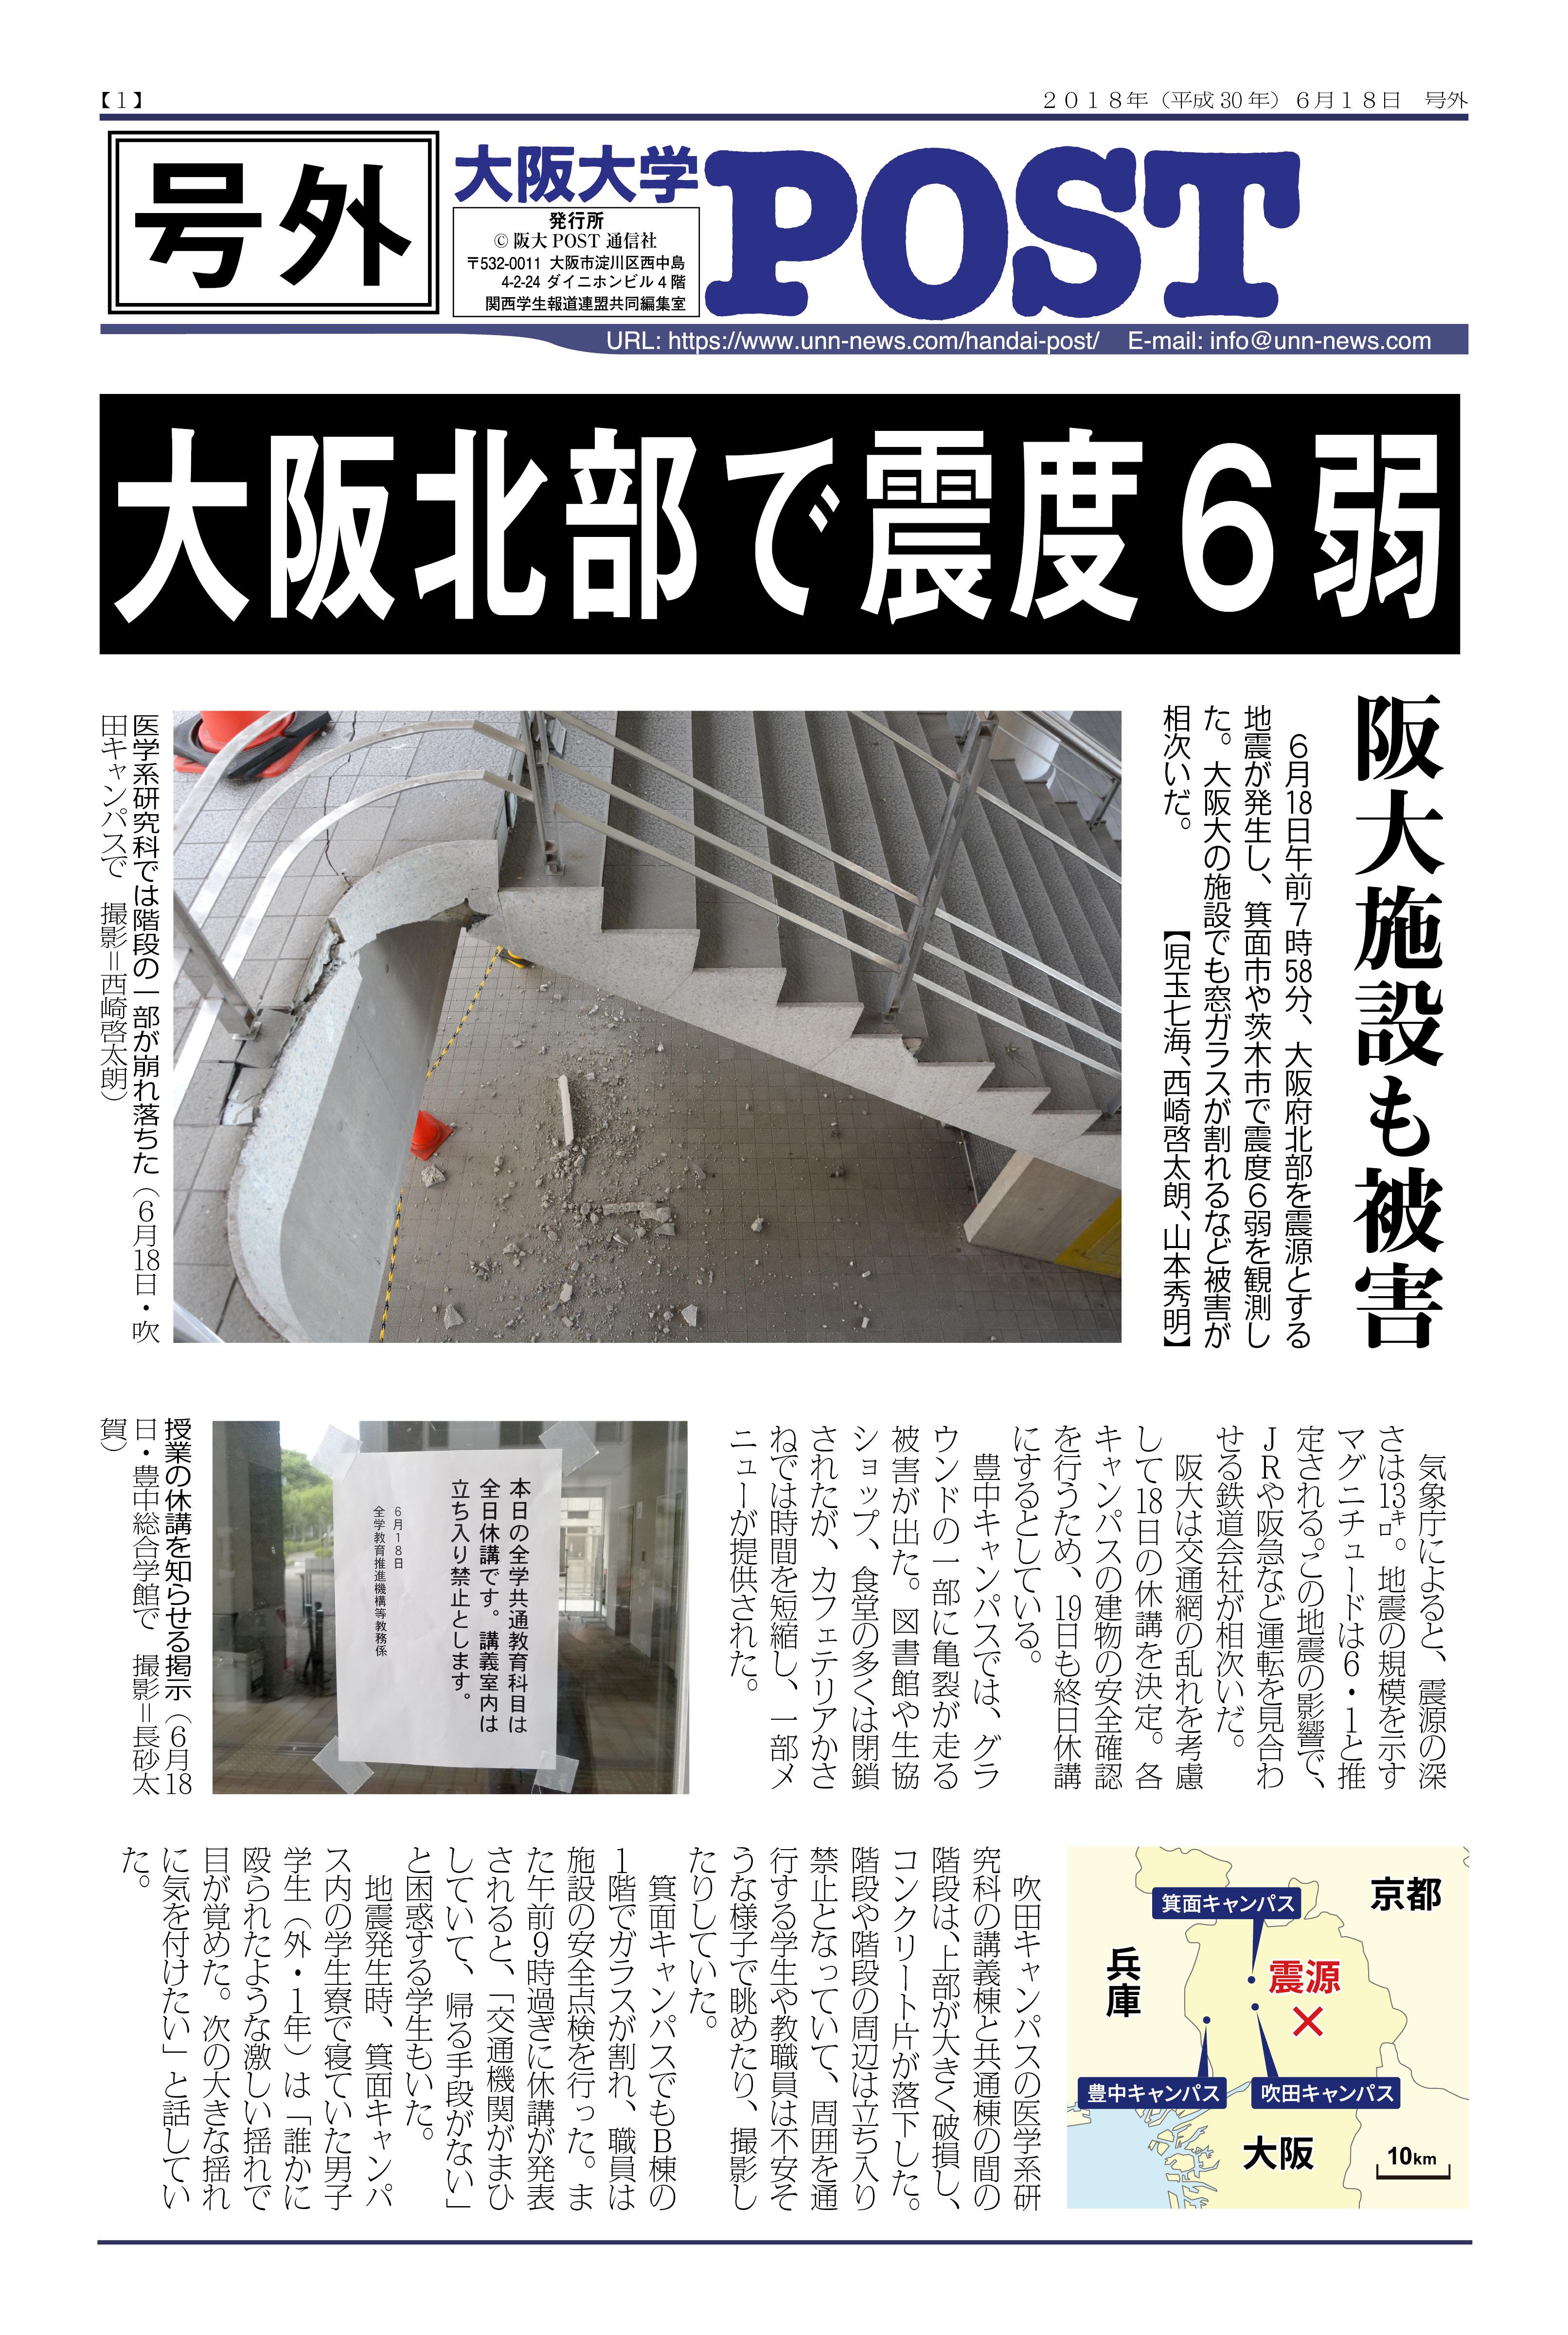 【号外】大阪北部で震度6弱 阪大施設も被害